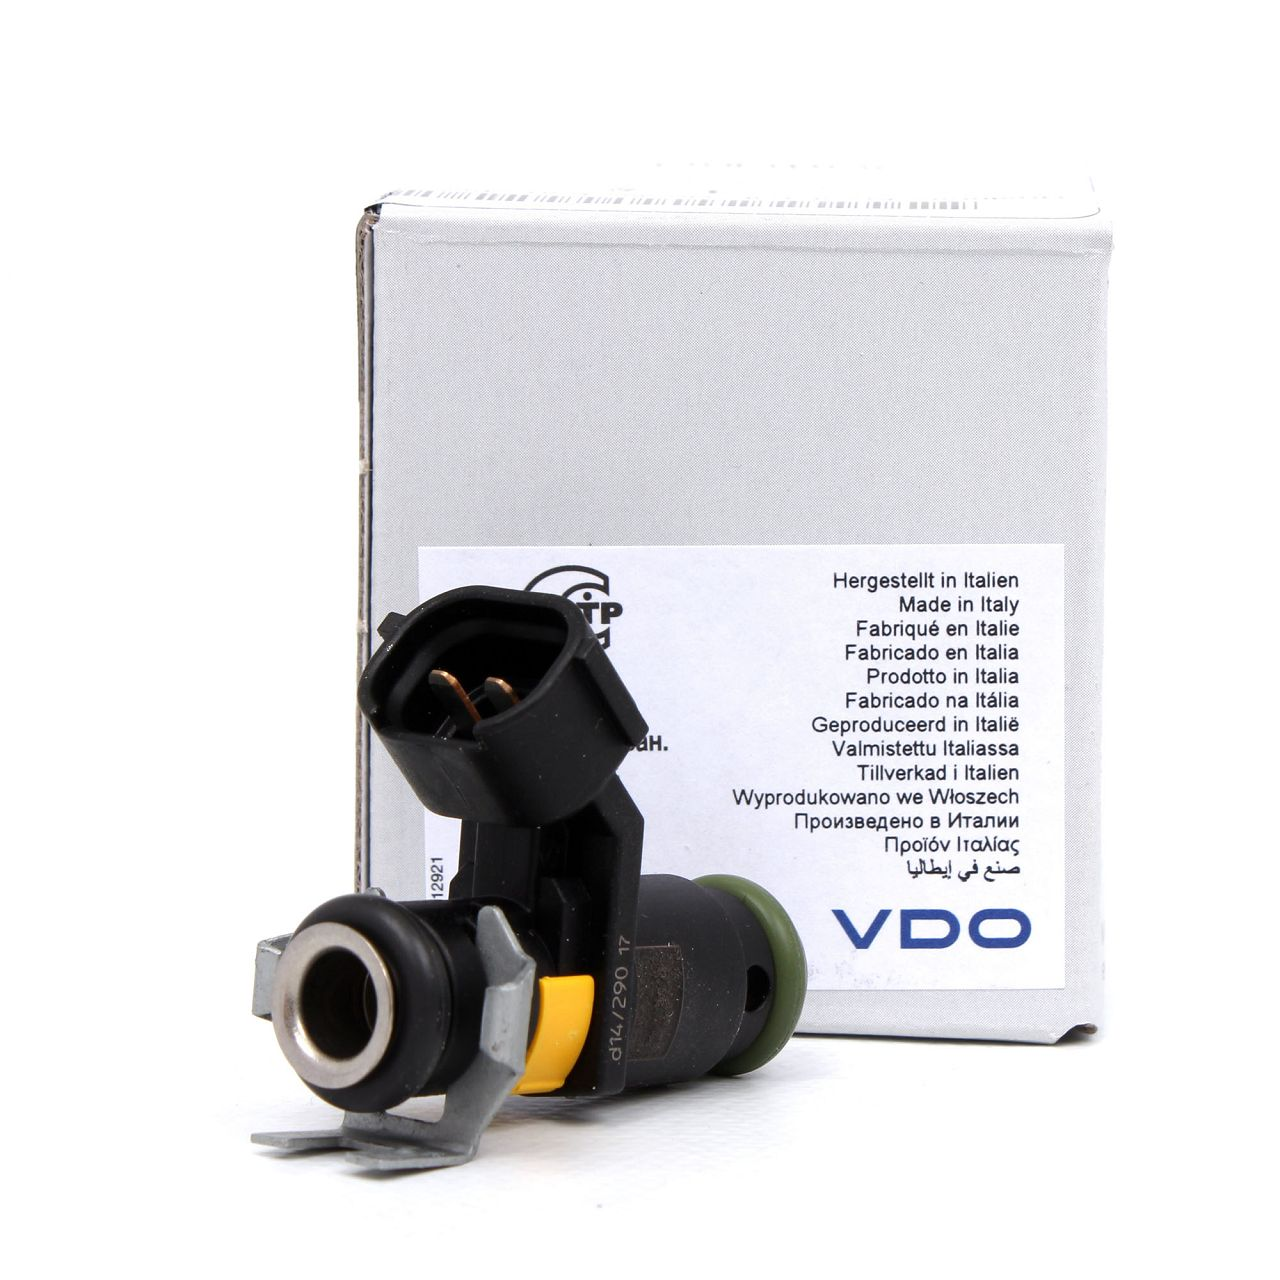 VDO A2C59506217 Einspritzventil Einspritzdüse Injektor für VW GOLF V VI